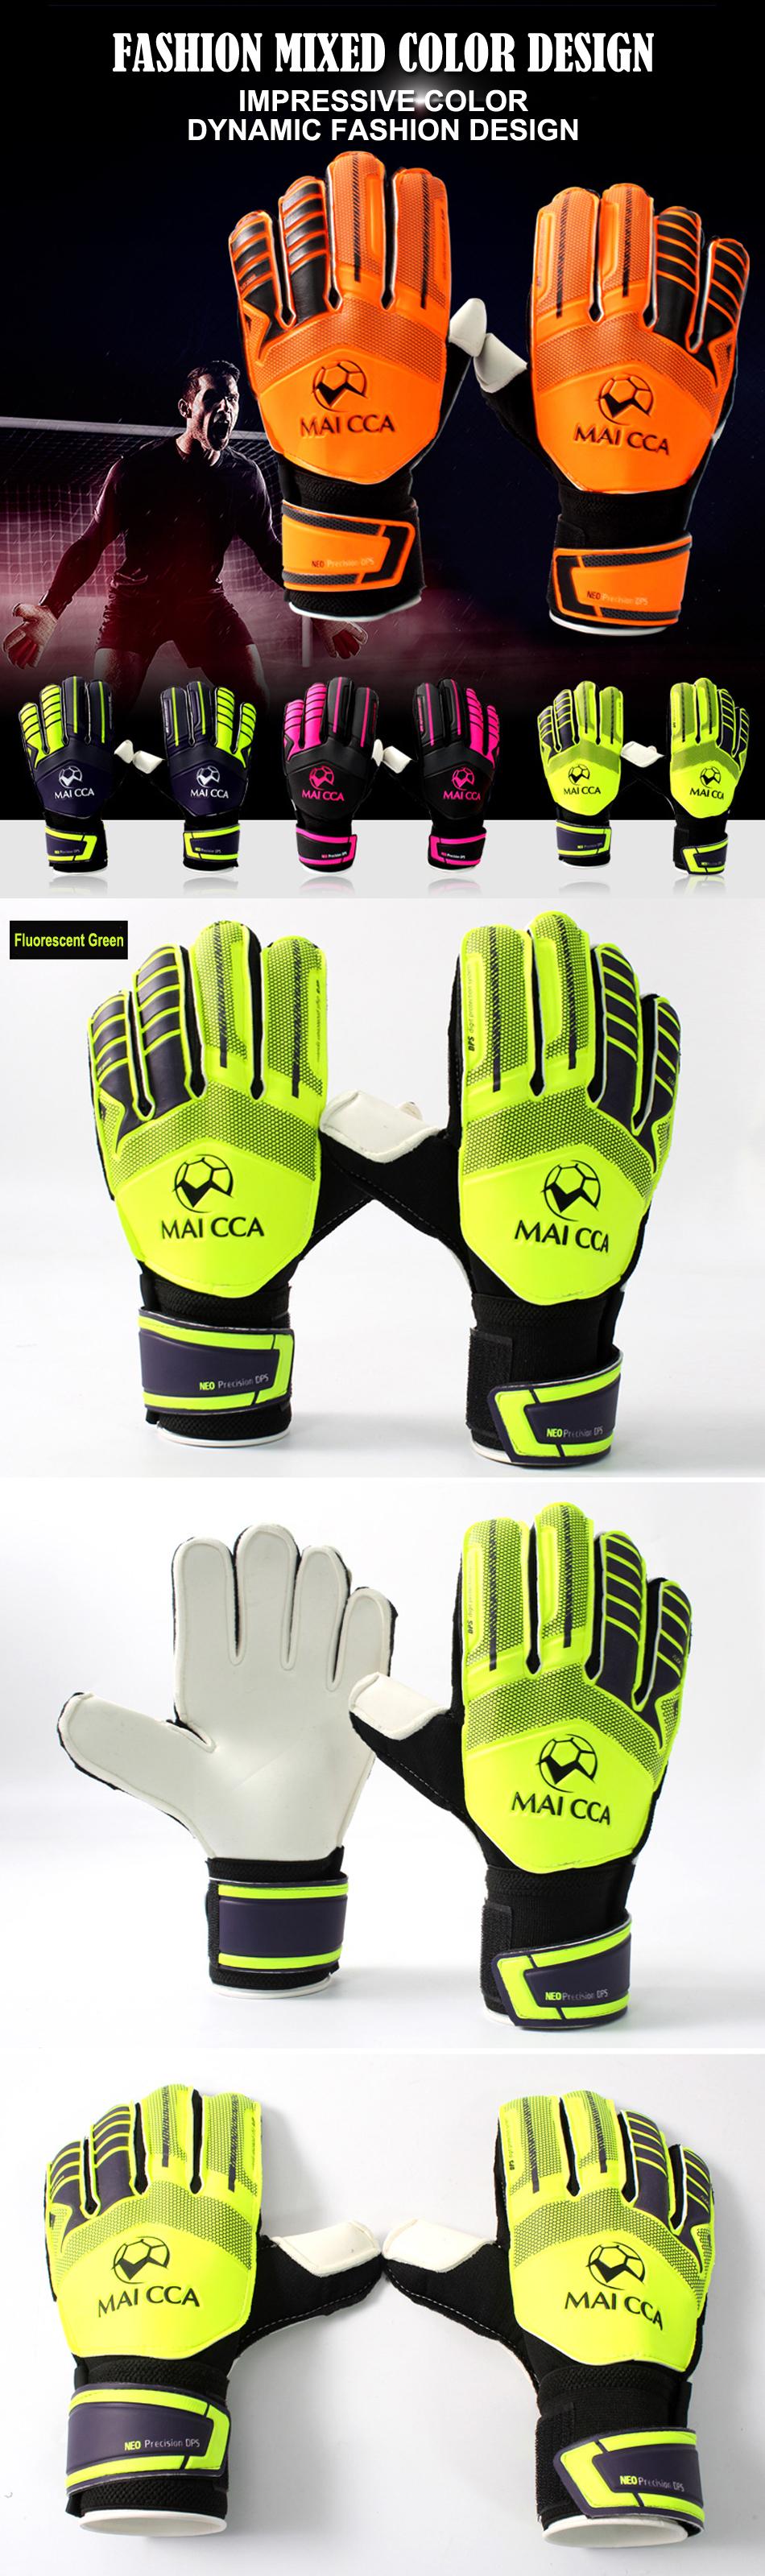 10_Goalie_Gloves_Goalkeeper_gloves